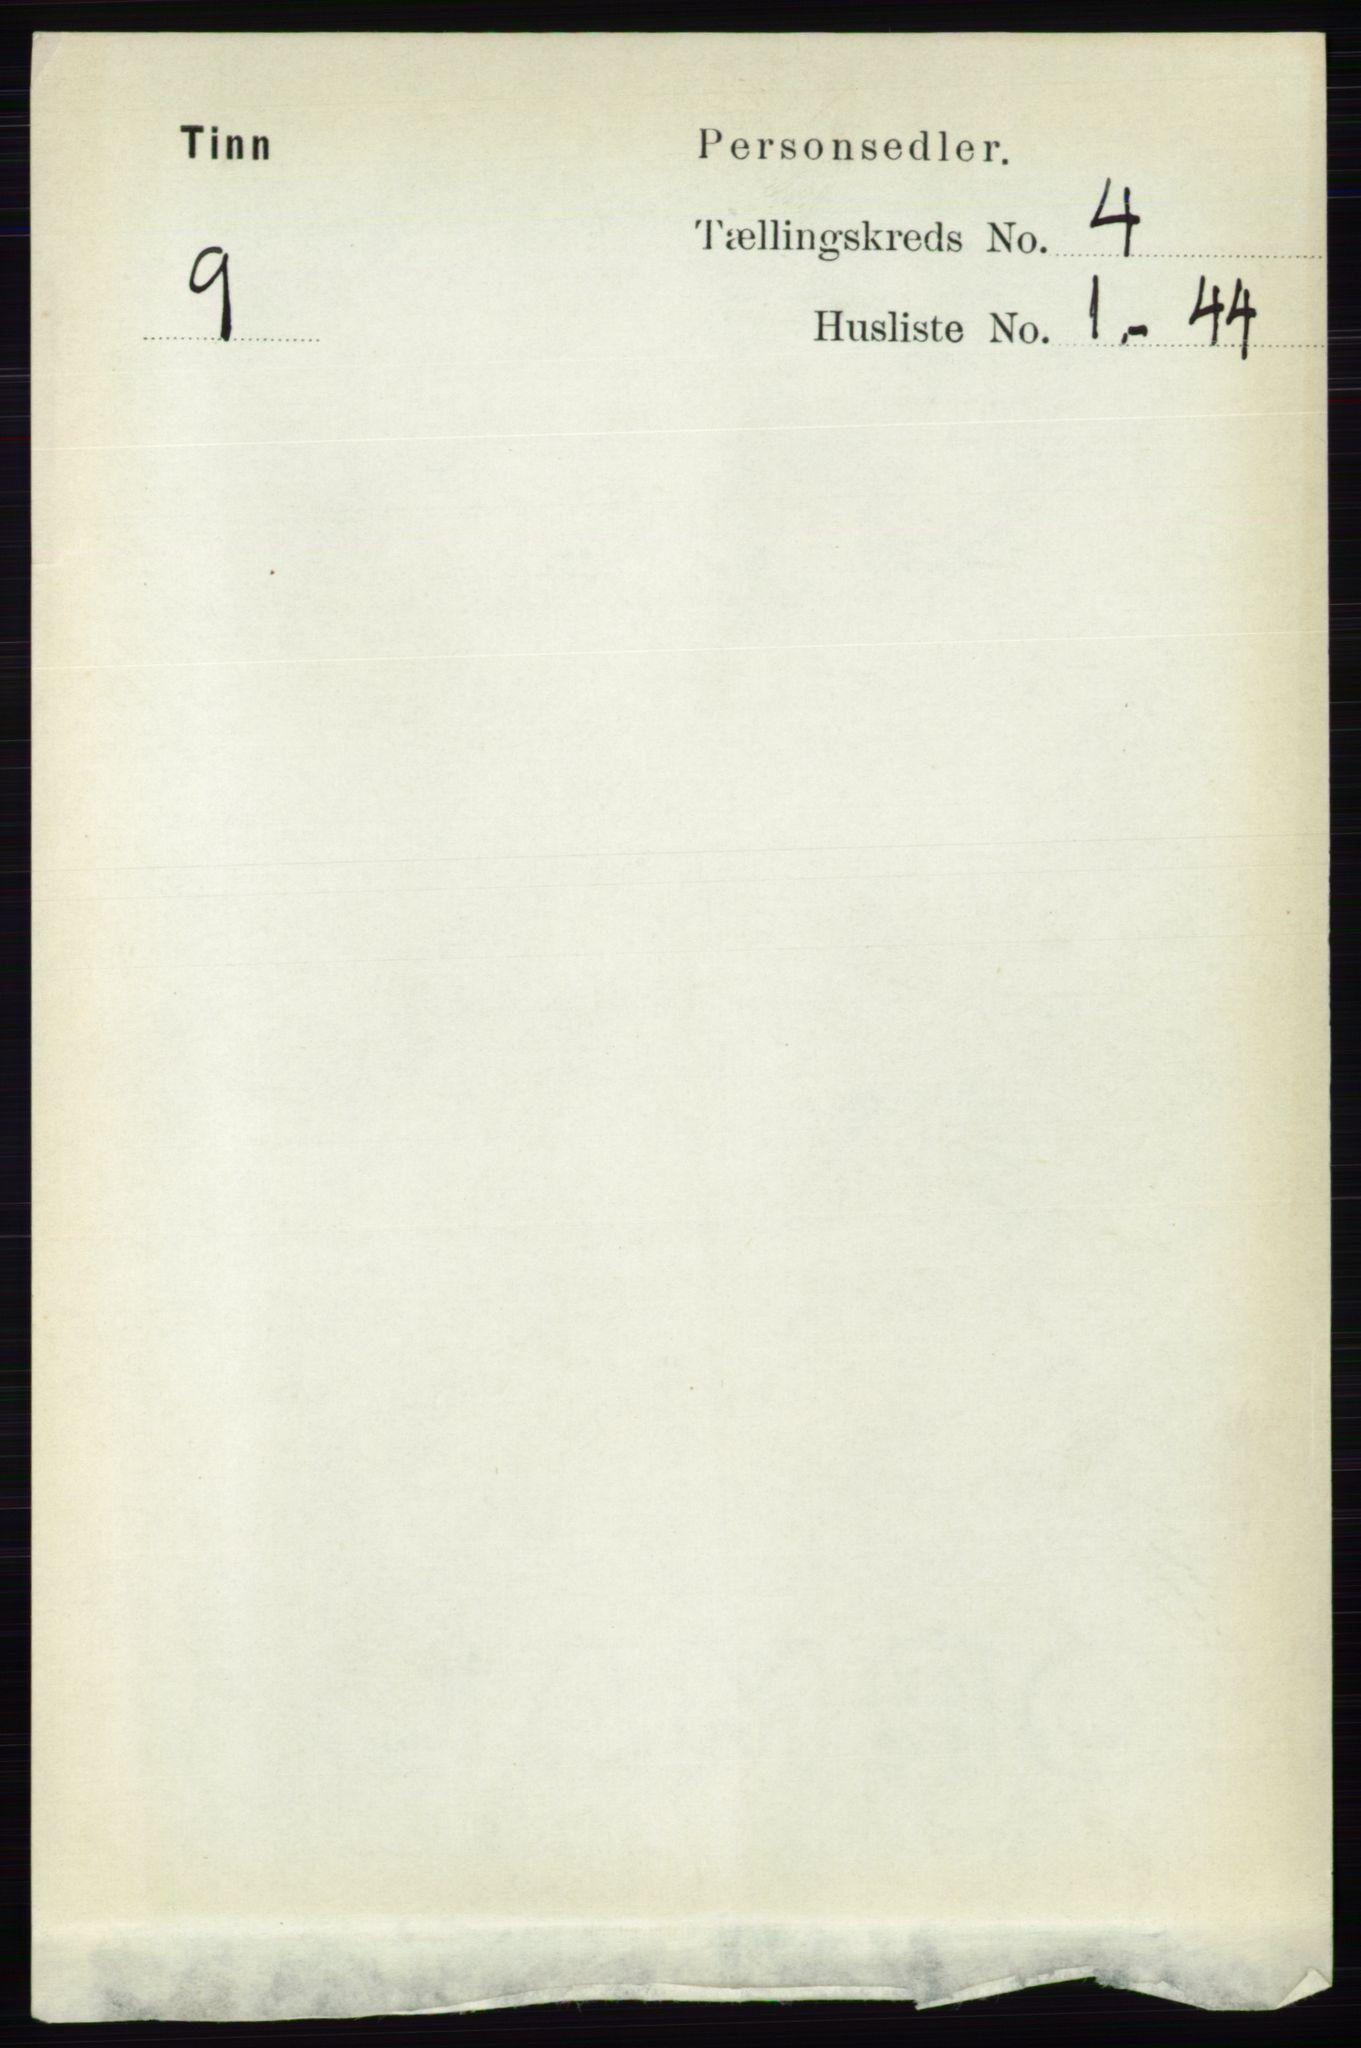 RA, Folketelling 1891 for 0826 Tinn herred, 1891, s. 723